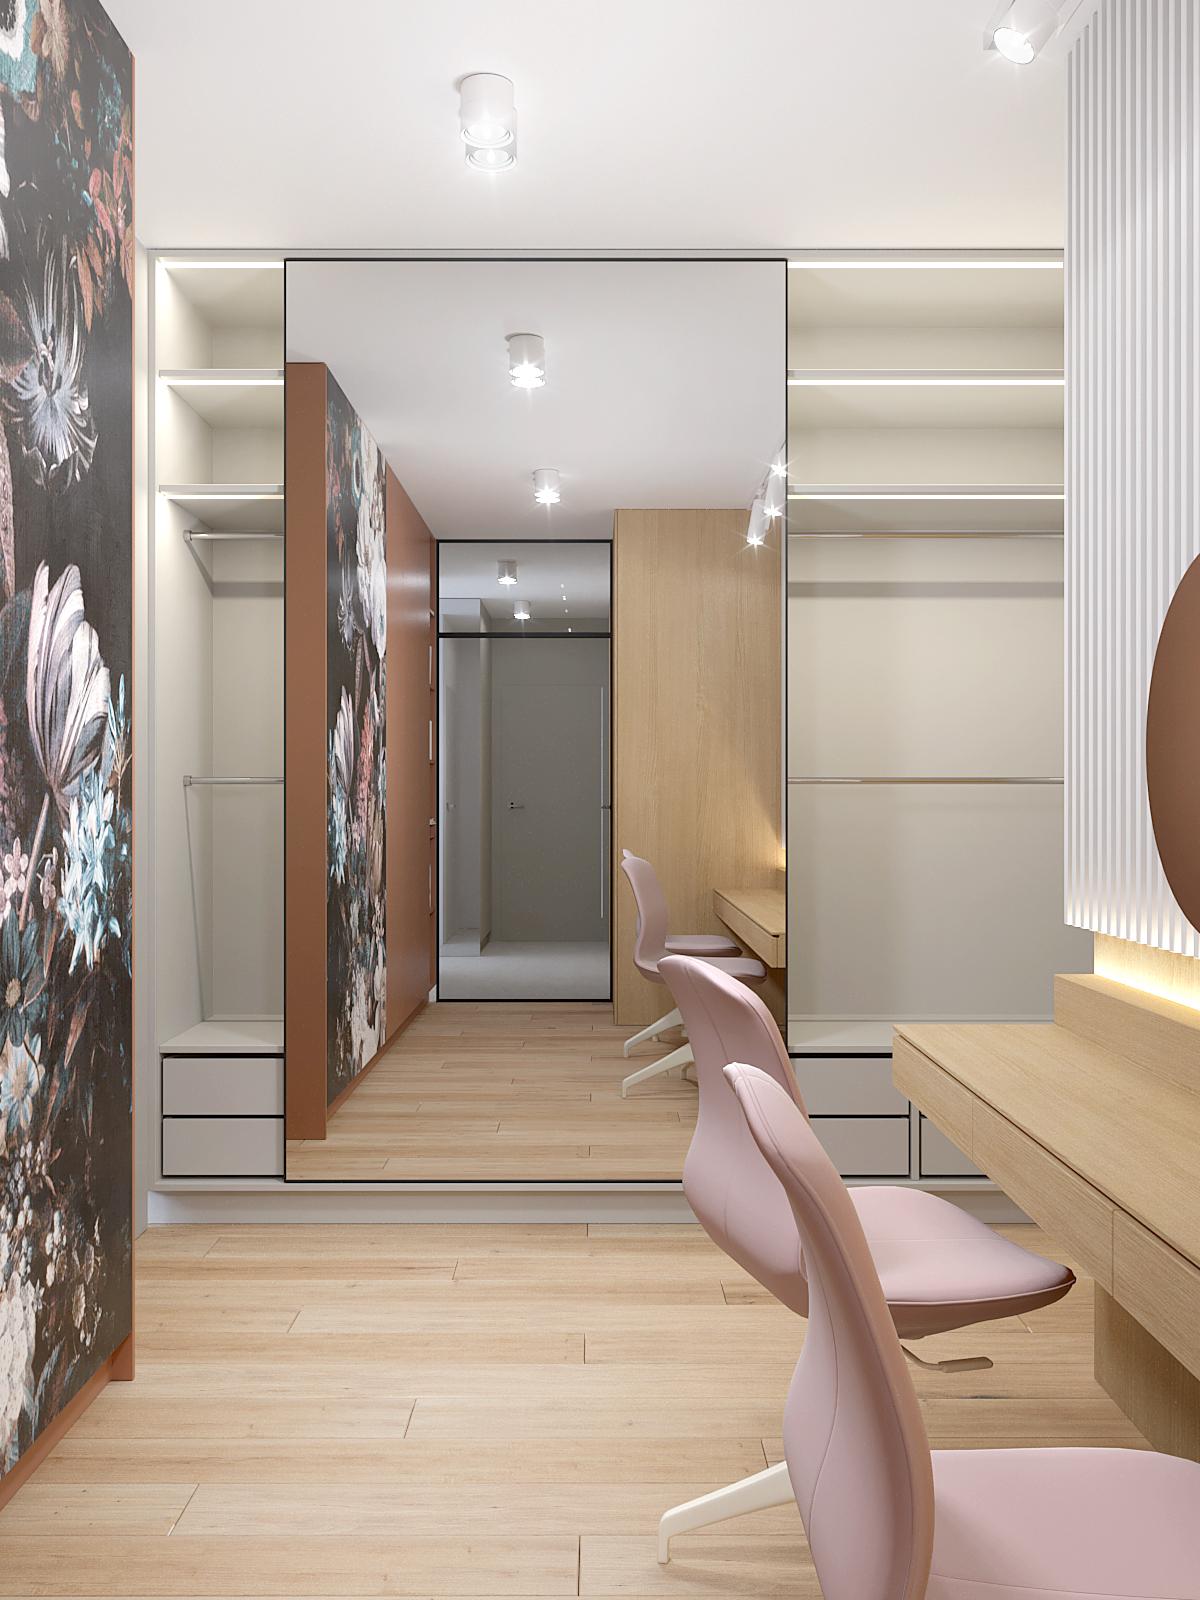 7 projektant wnetrz D423 poddasze Myslowice pokoj z toaletka przesuwne lustro tapeta w kwiaty drewniana podloga